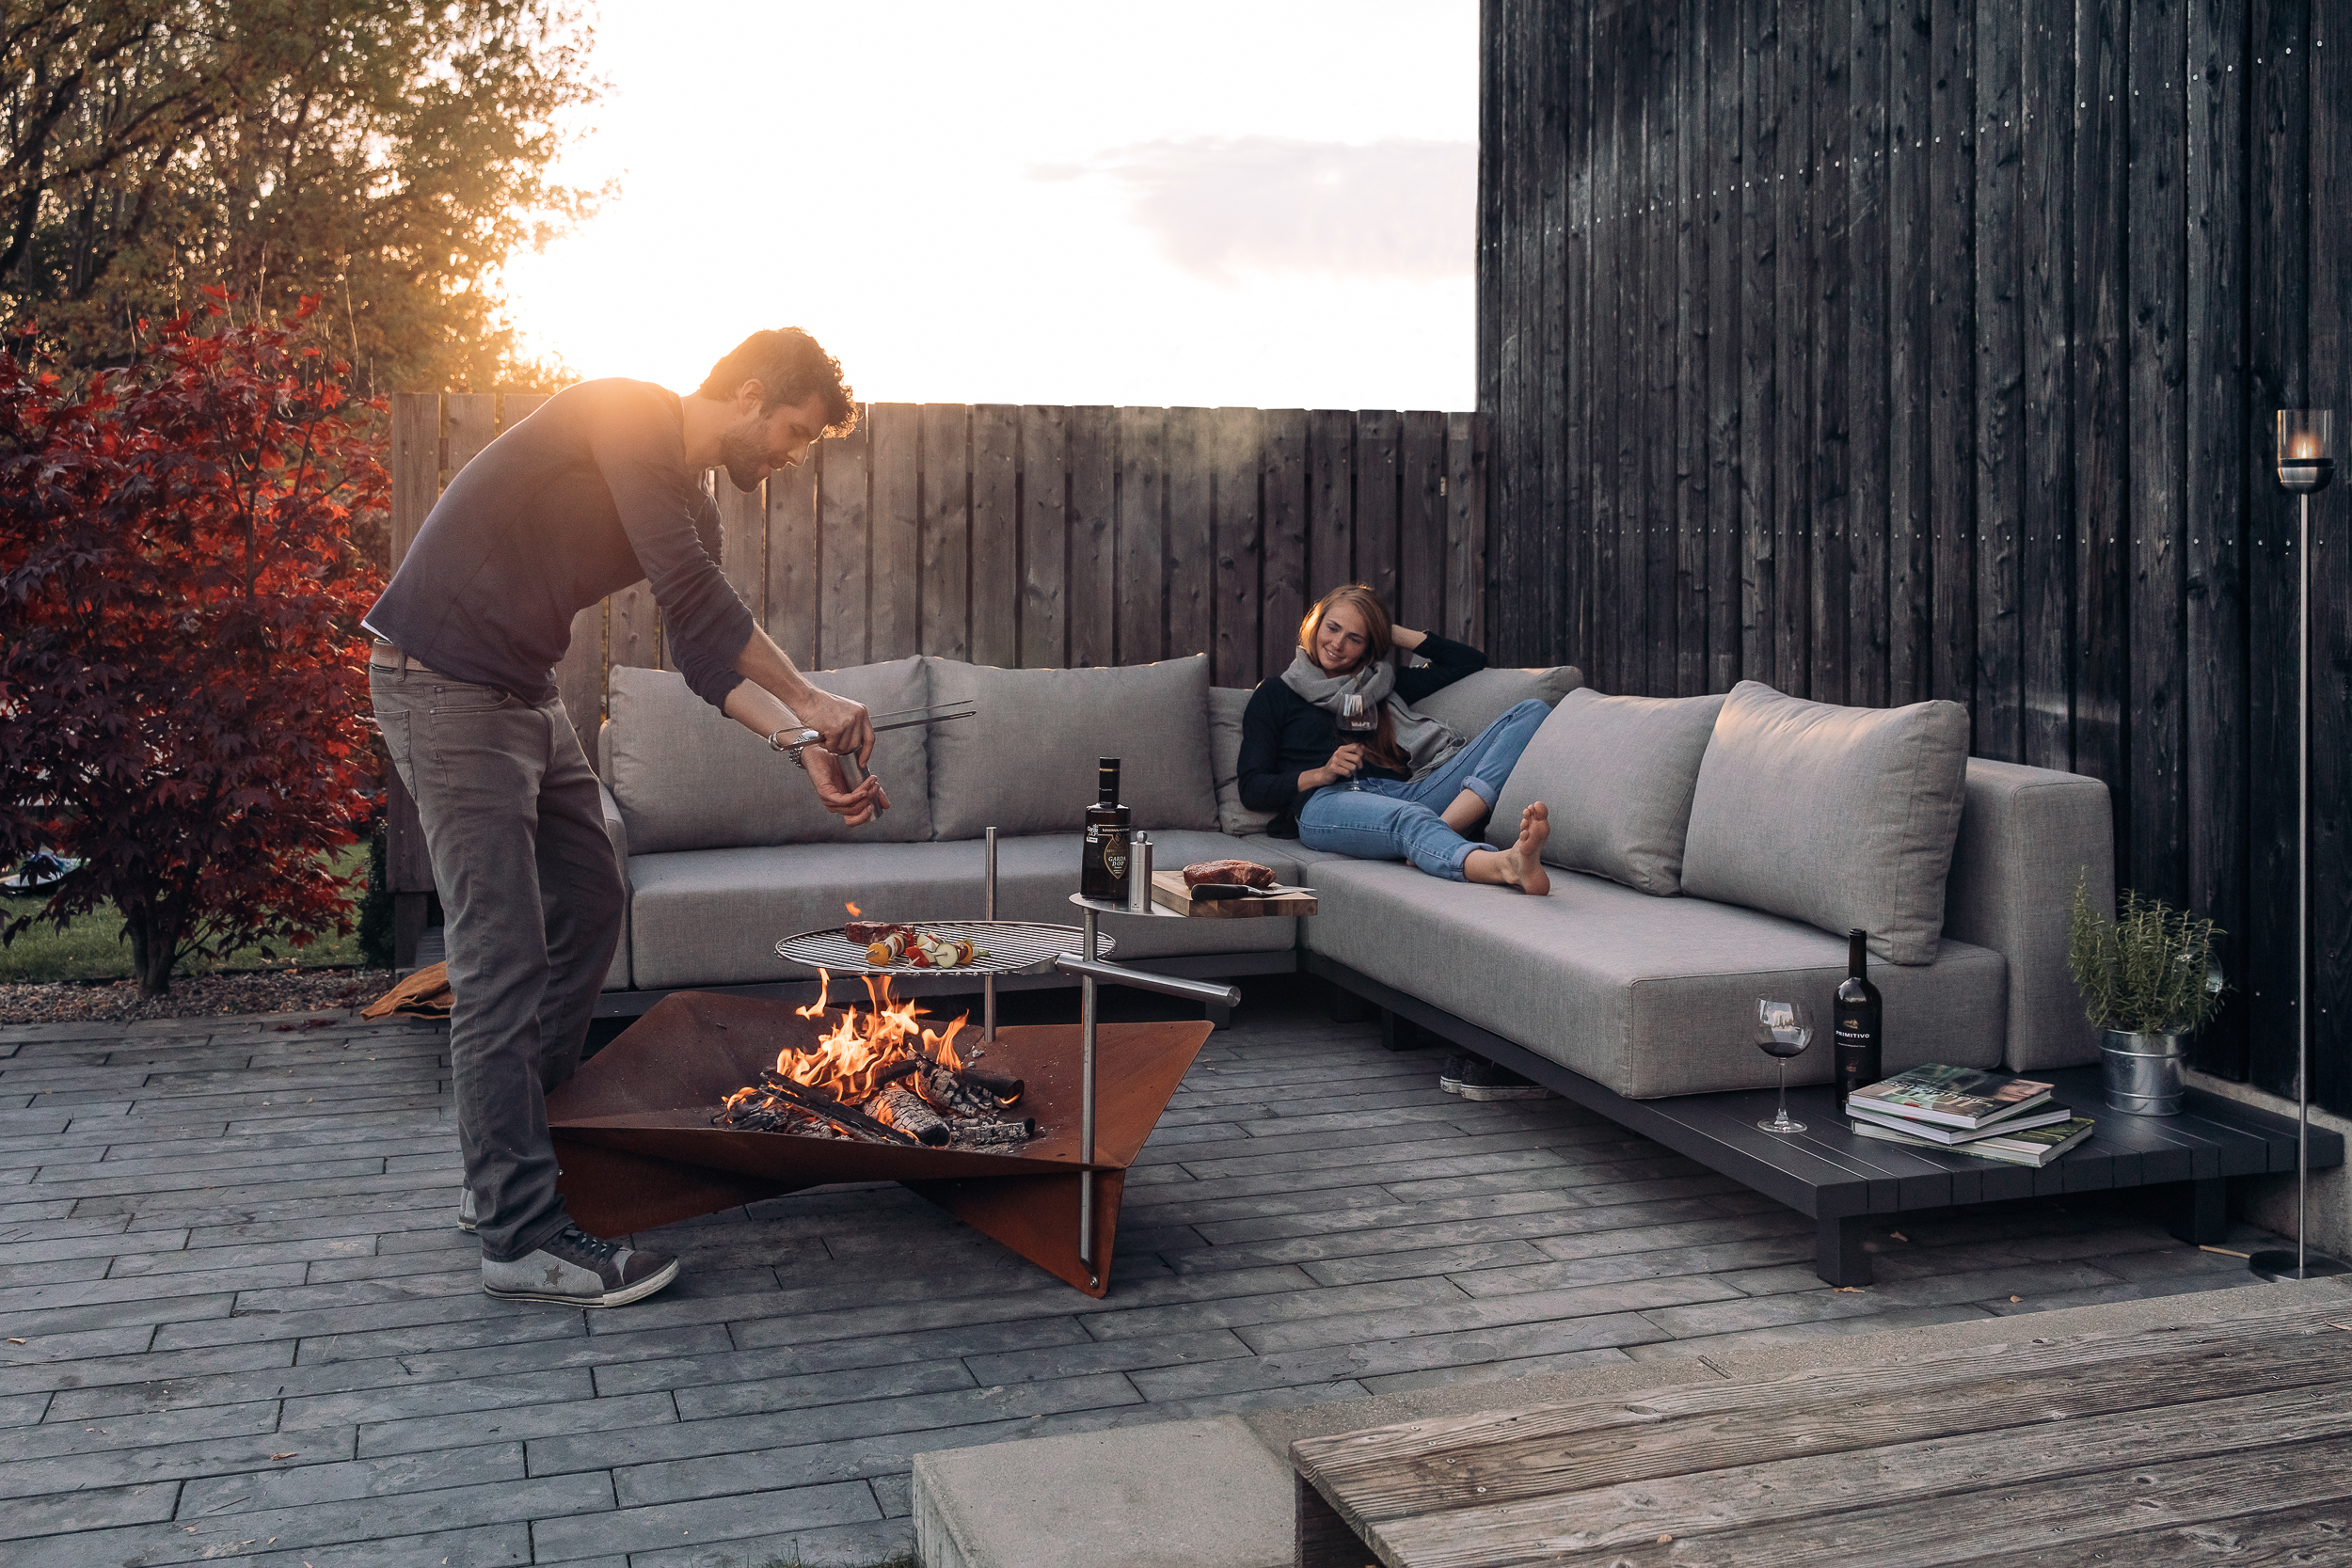 Feuerschalen Fur Den Garten 7 Schone Design Feuerstellen Echte Dinge Ausgesuchte Qualitatsprodukte Fur Den Alltag